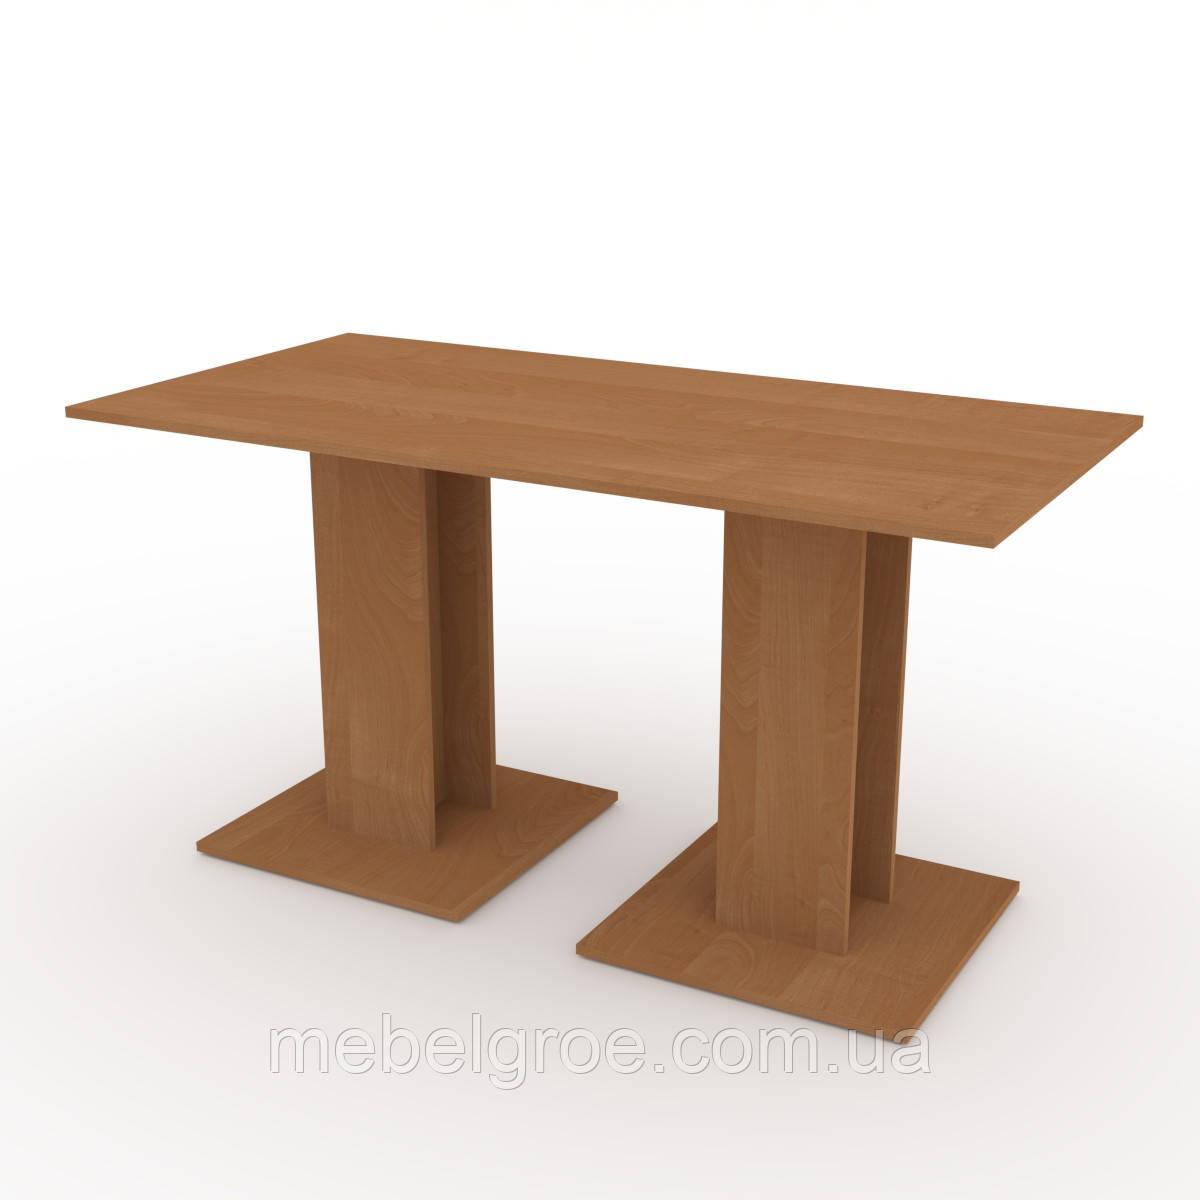 Стол кухонный КС 8 тм Компанит